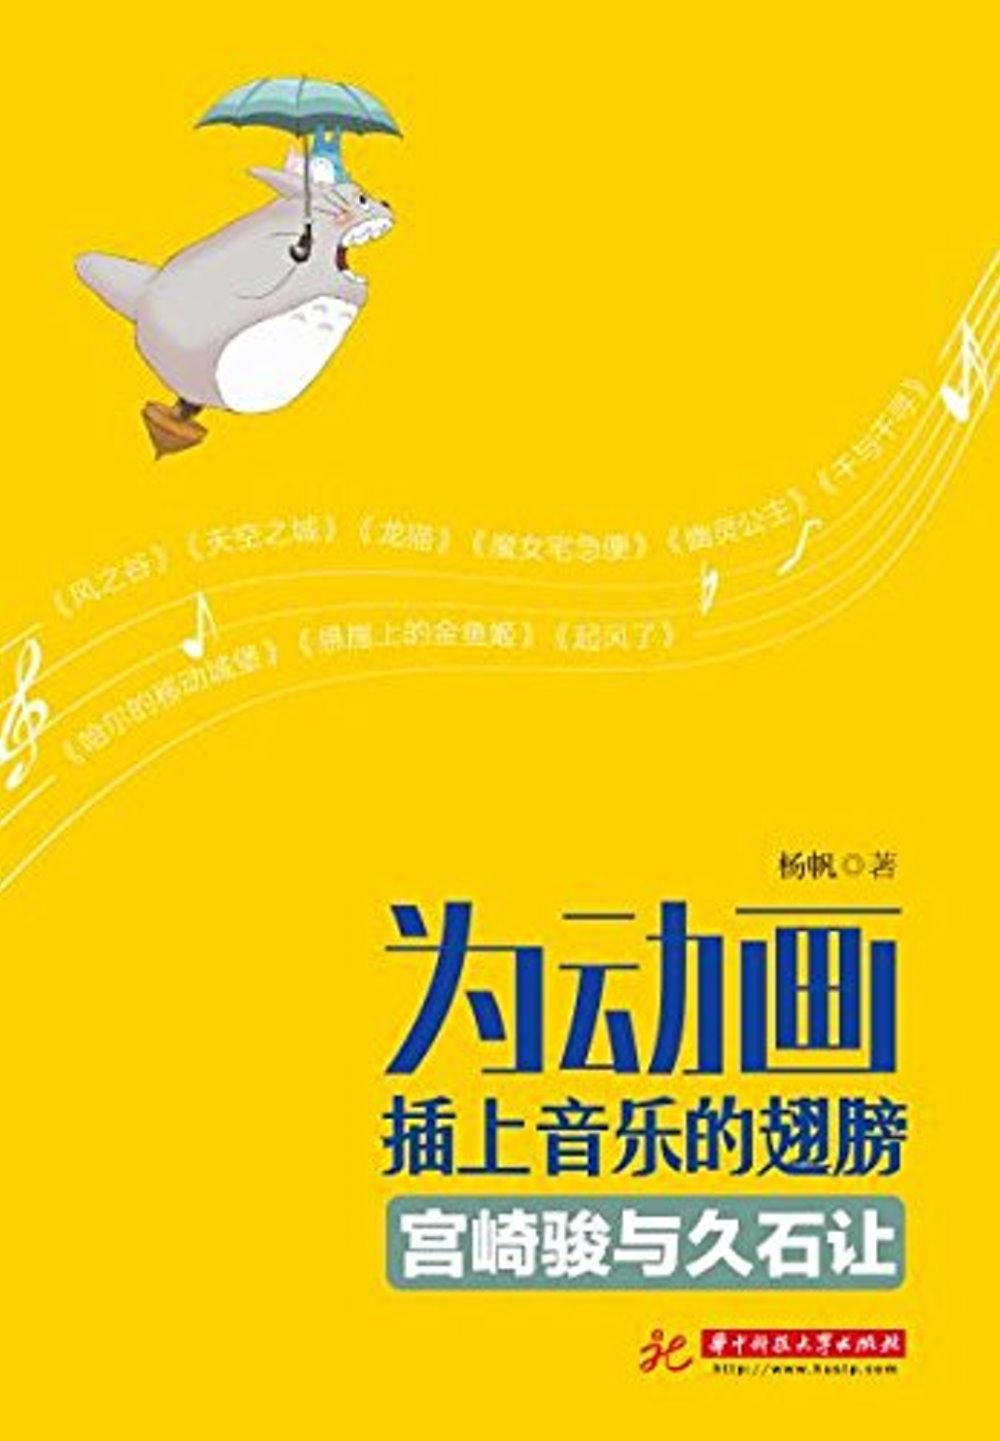 為動畫插上音樂的翅膀:宮崎駿與久石讓